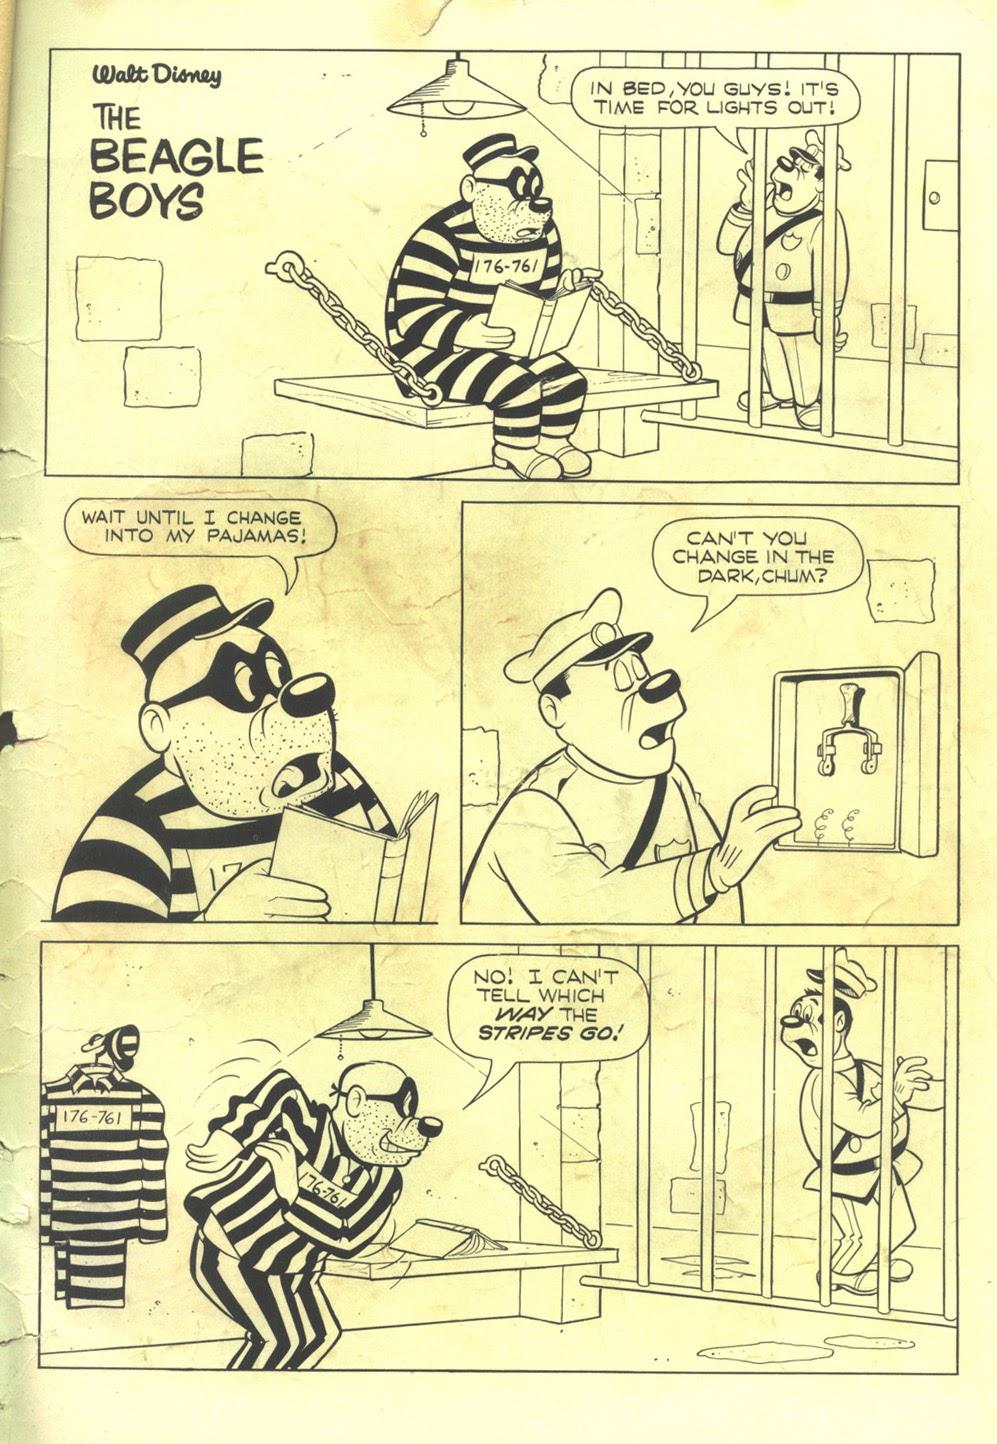 Walt Disney THE BEAGLE BOYS issue 3 - Page 35